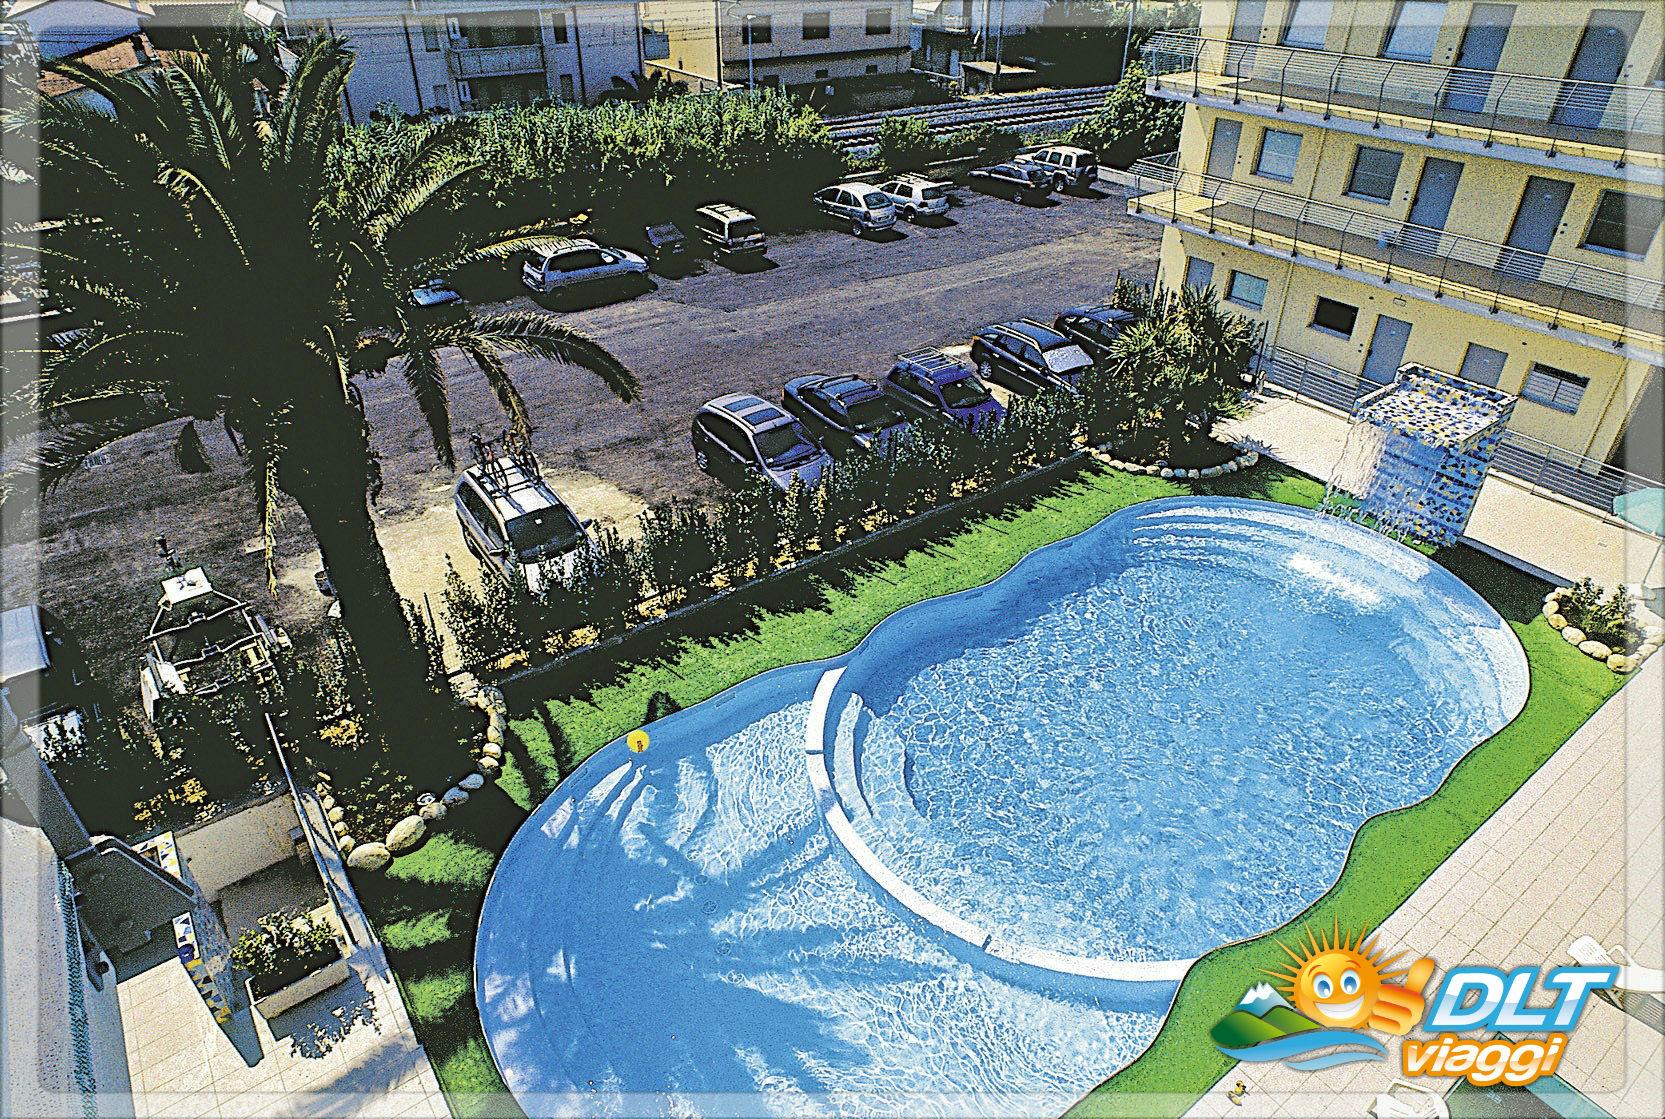 Residence felicioni formula hotel roseto degli abruzzi abruzzo daylighttour - Hotel giardino roseto degli abruzzi ...